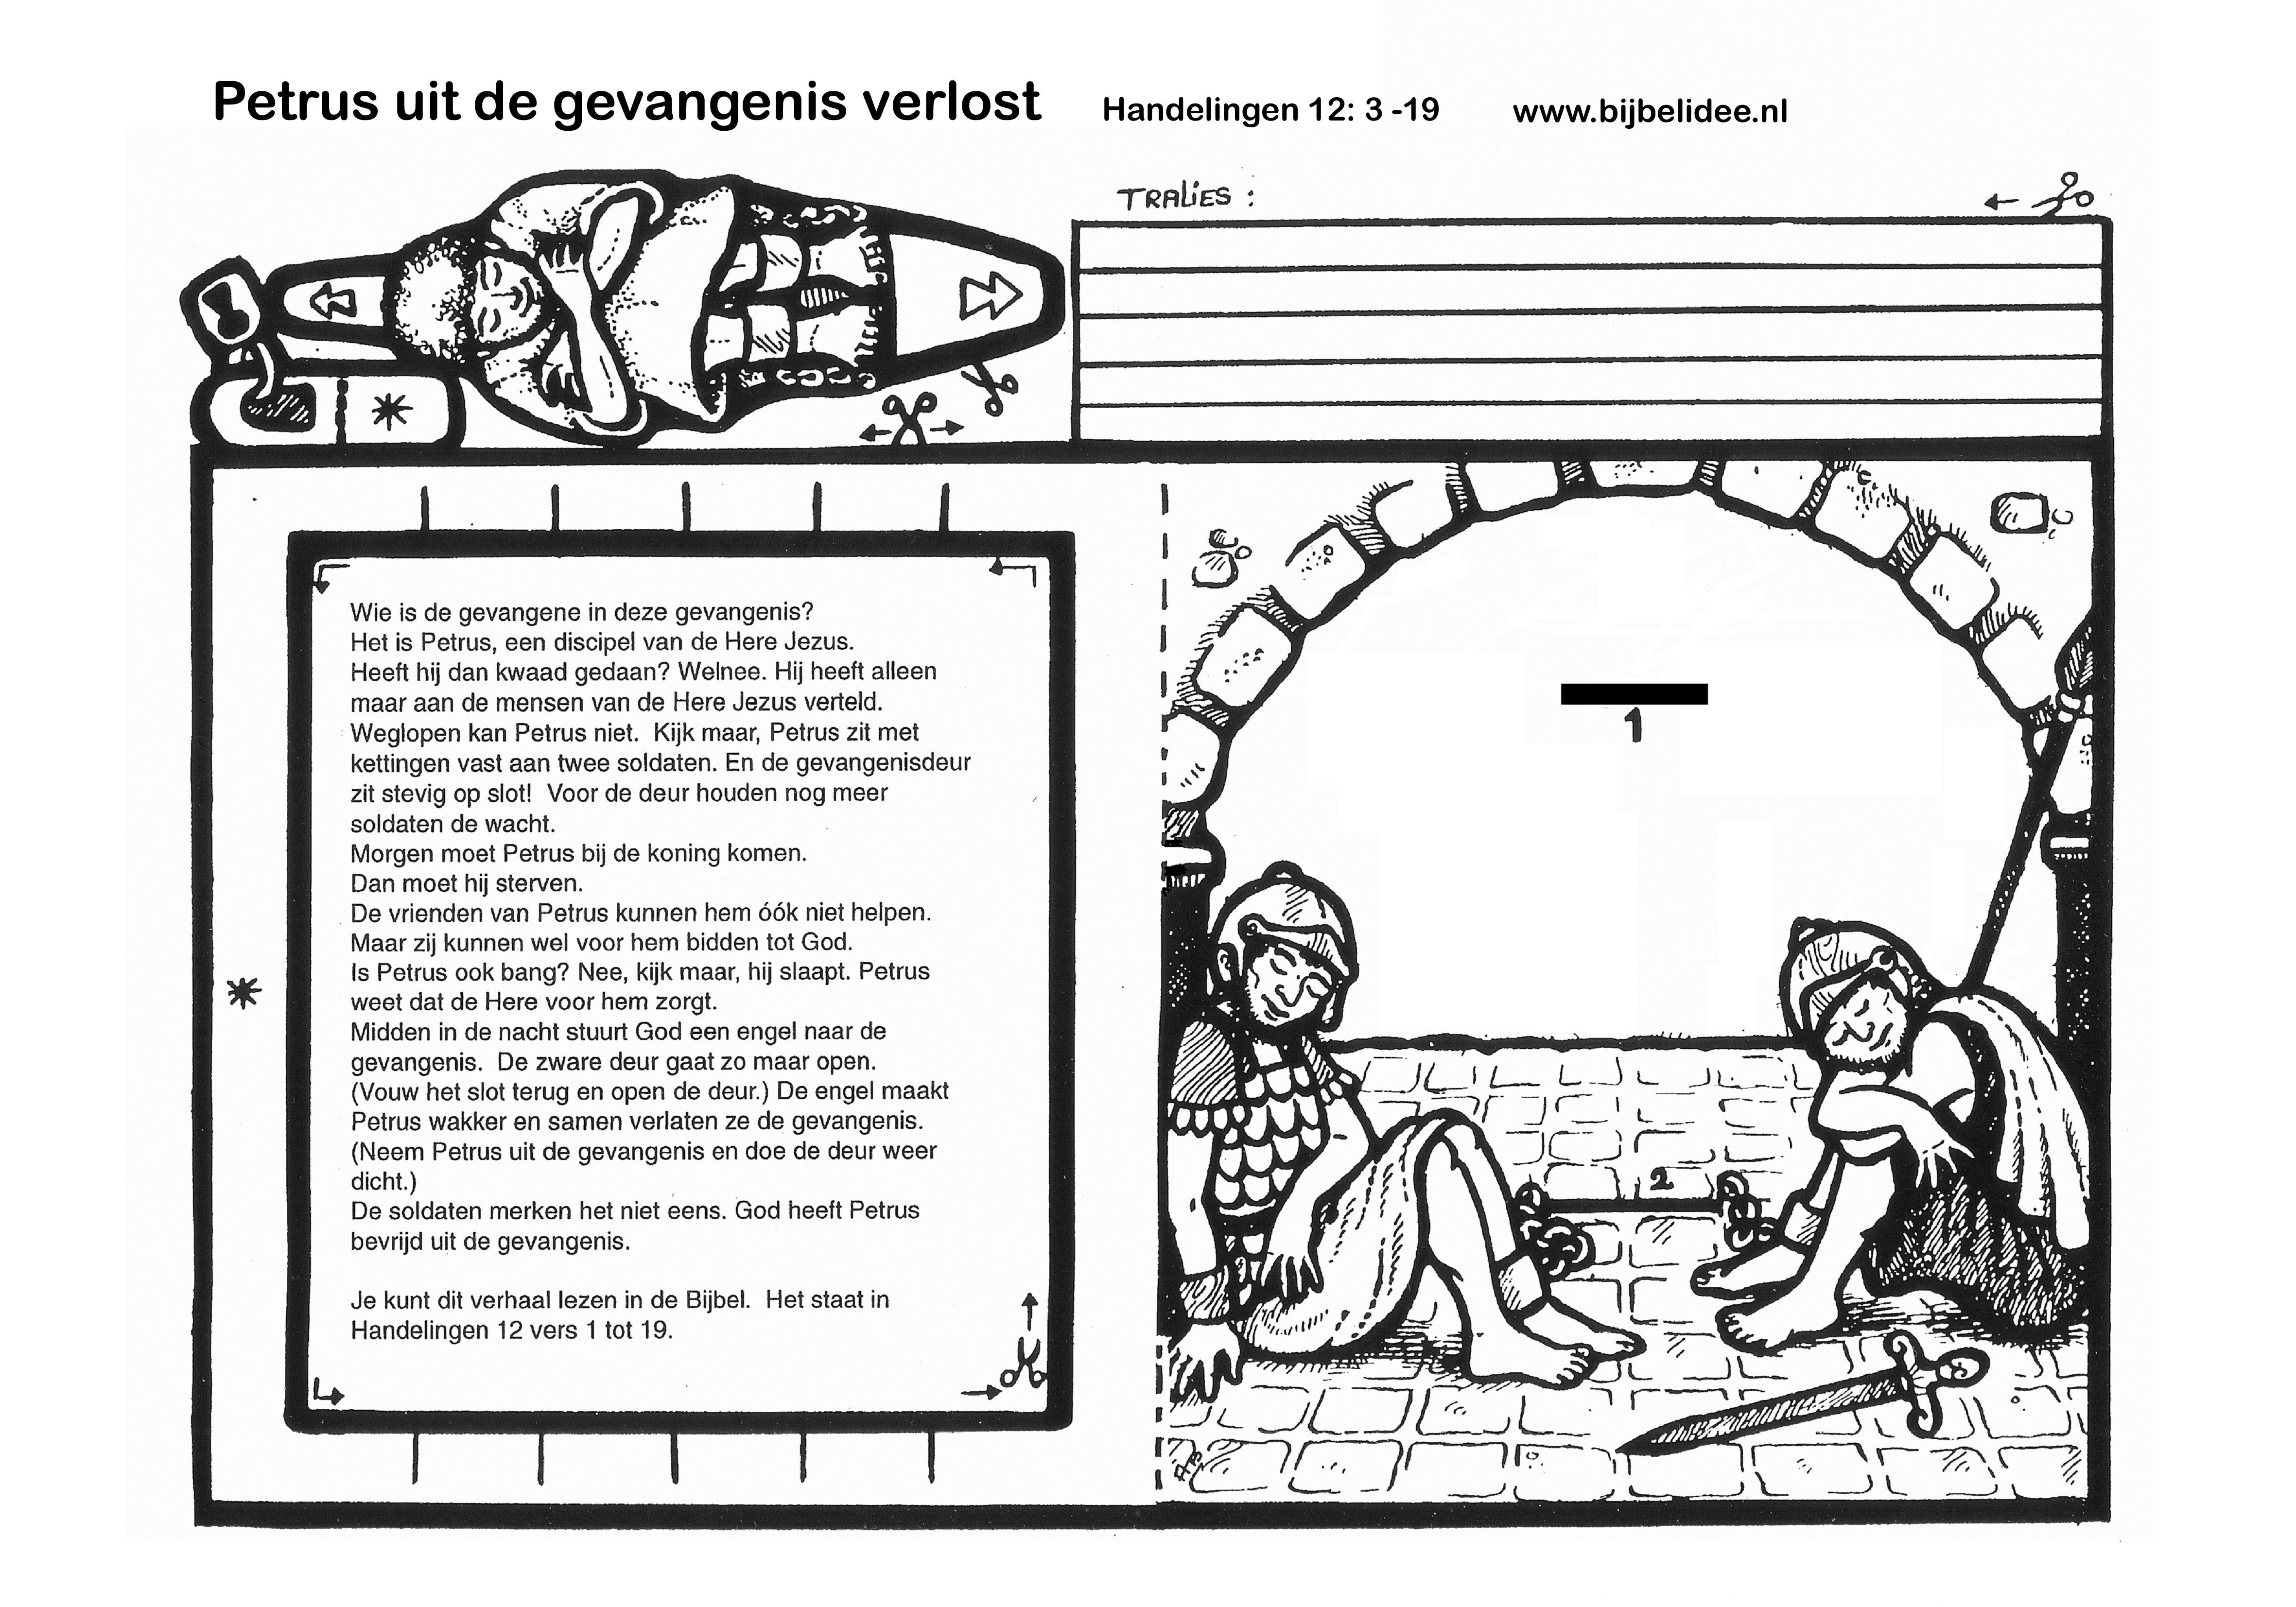 Petrus In De Gevangenis Hand 12 3 19 Www Bijbelidee Gevangenis Bijbel Werkjes